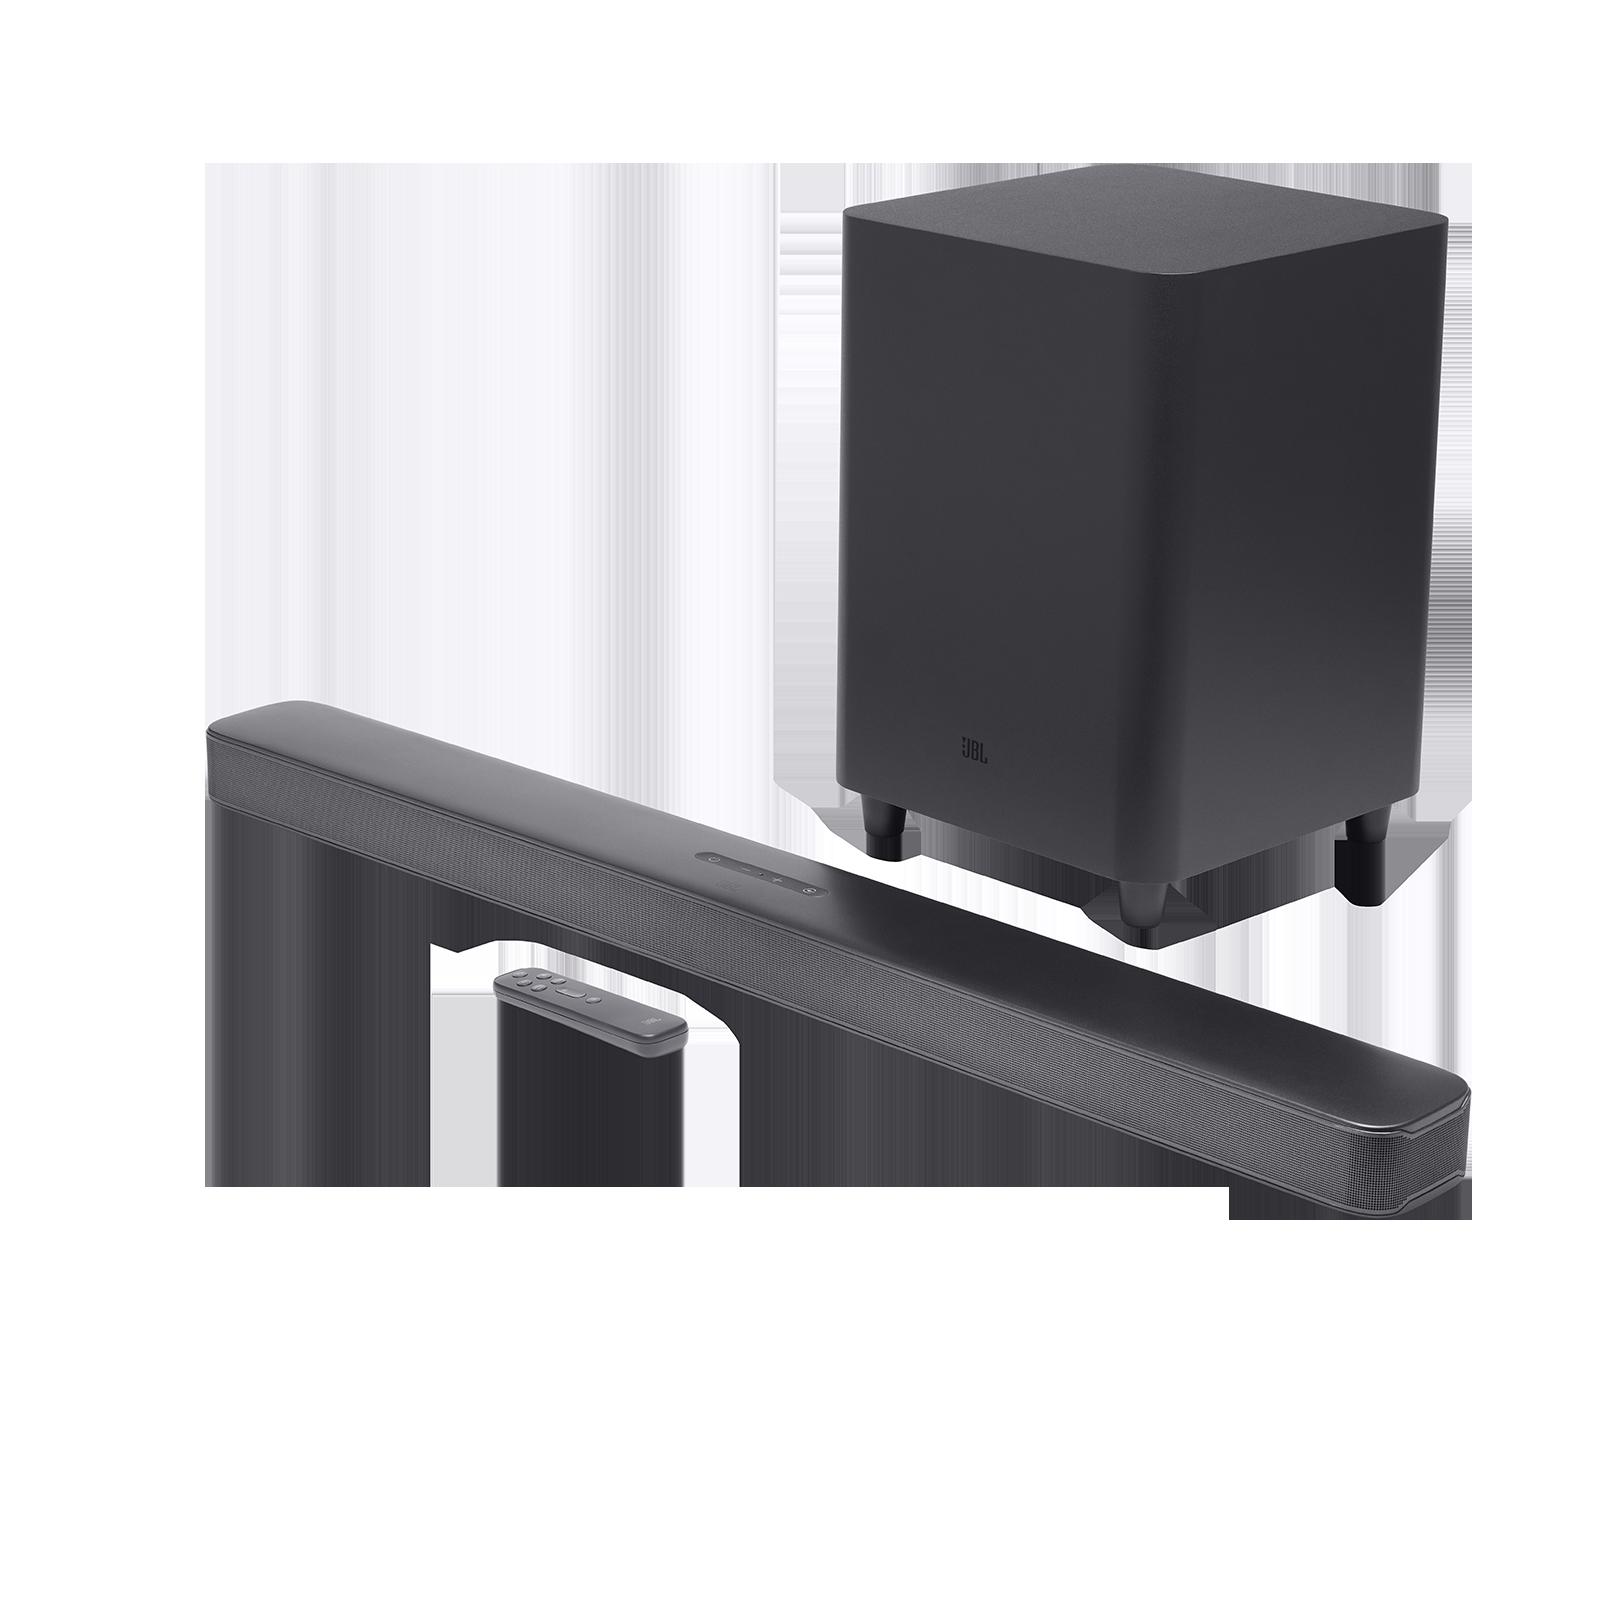 JBL Bar 5.1 Surround - Negro - Barra de sonido de 5.1 canales con tecnología de sonido MultiBeam ™ - Hero